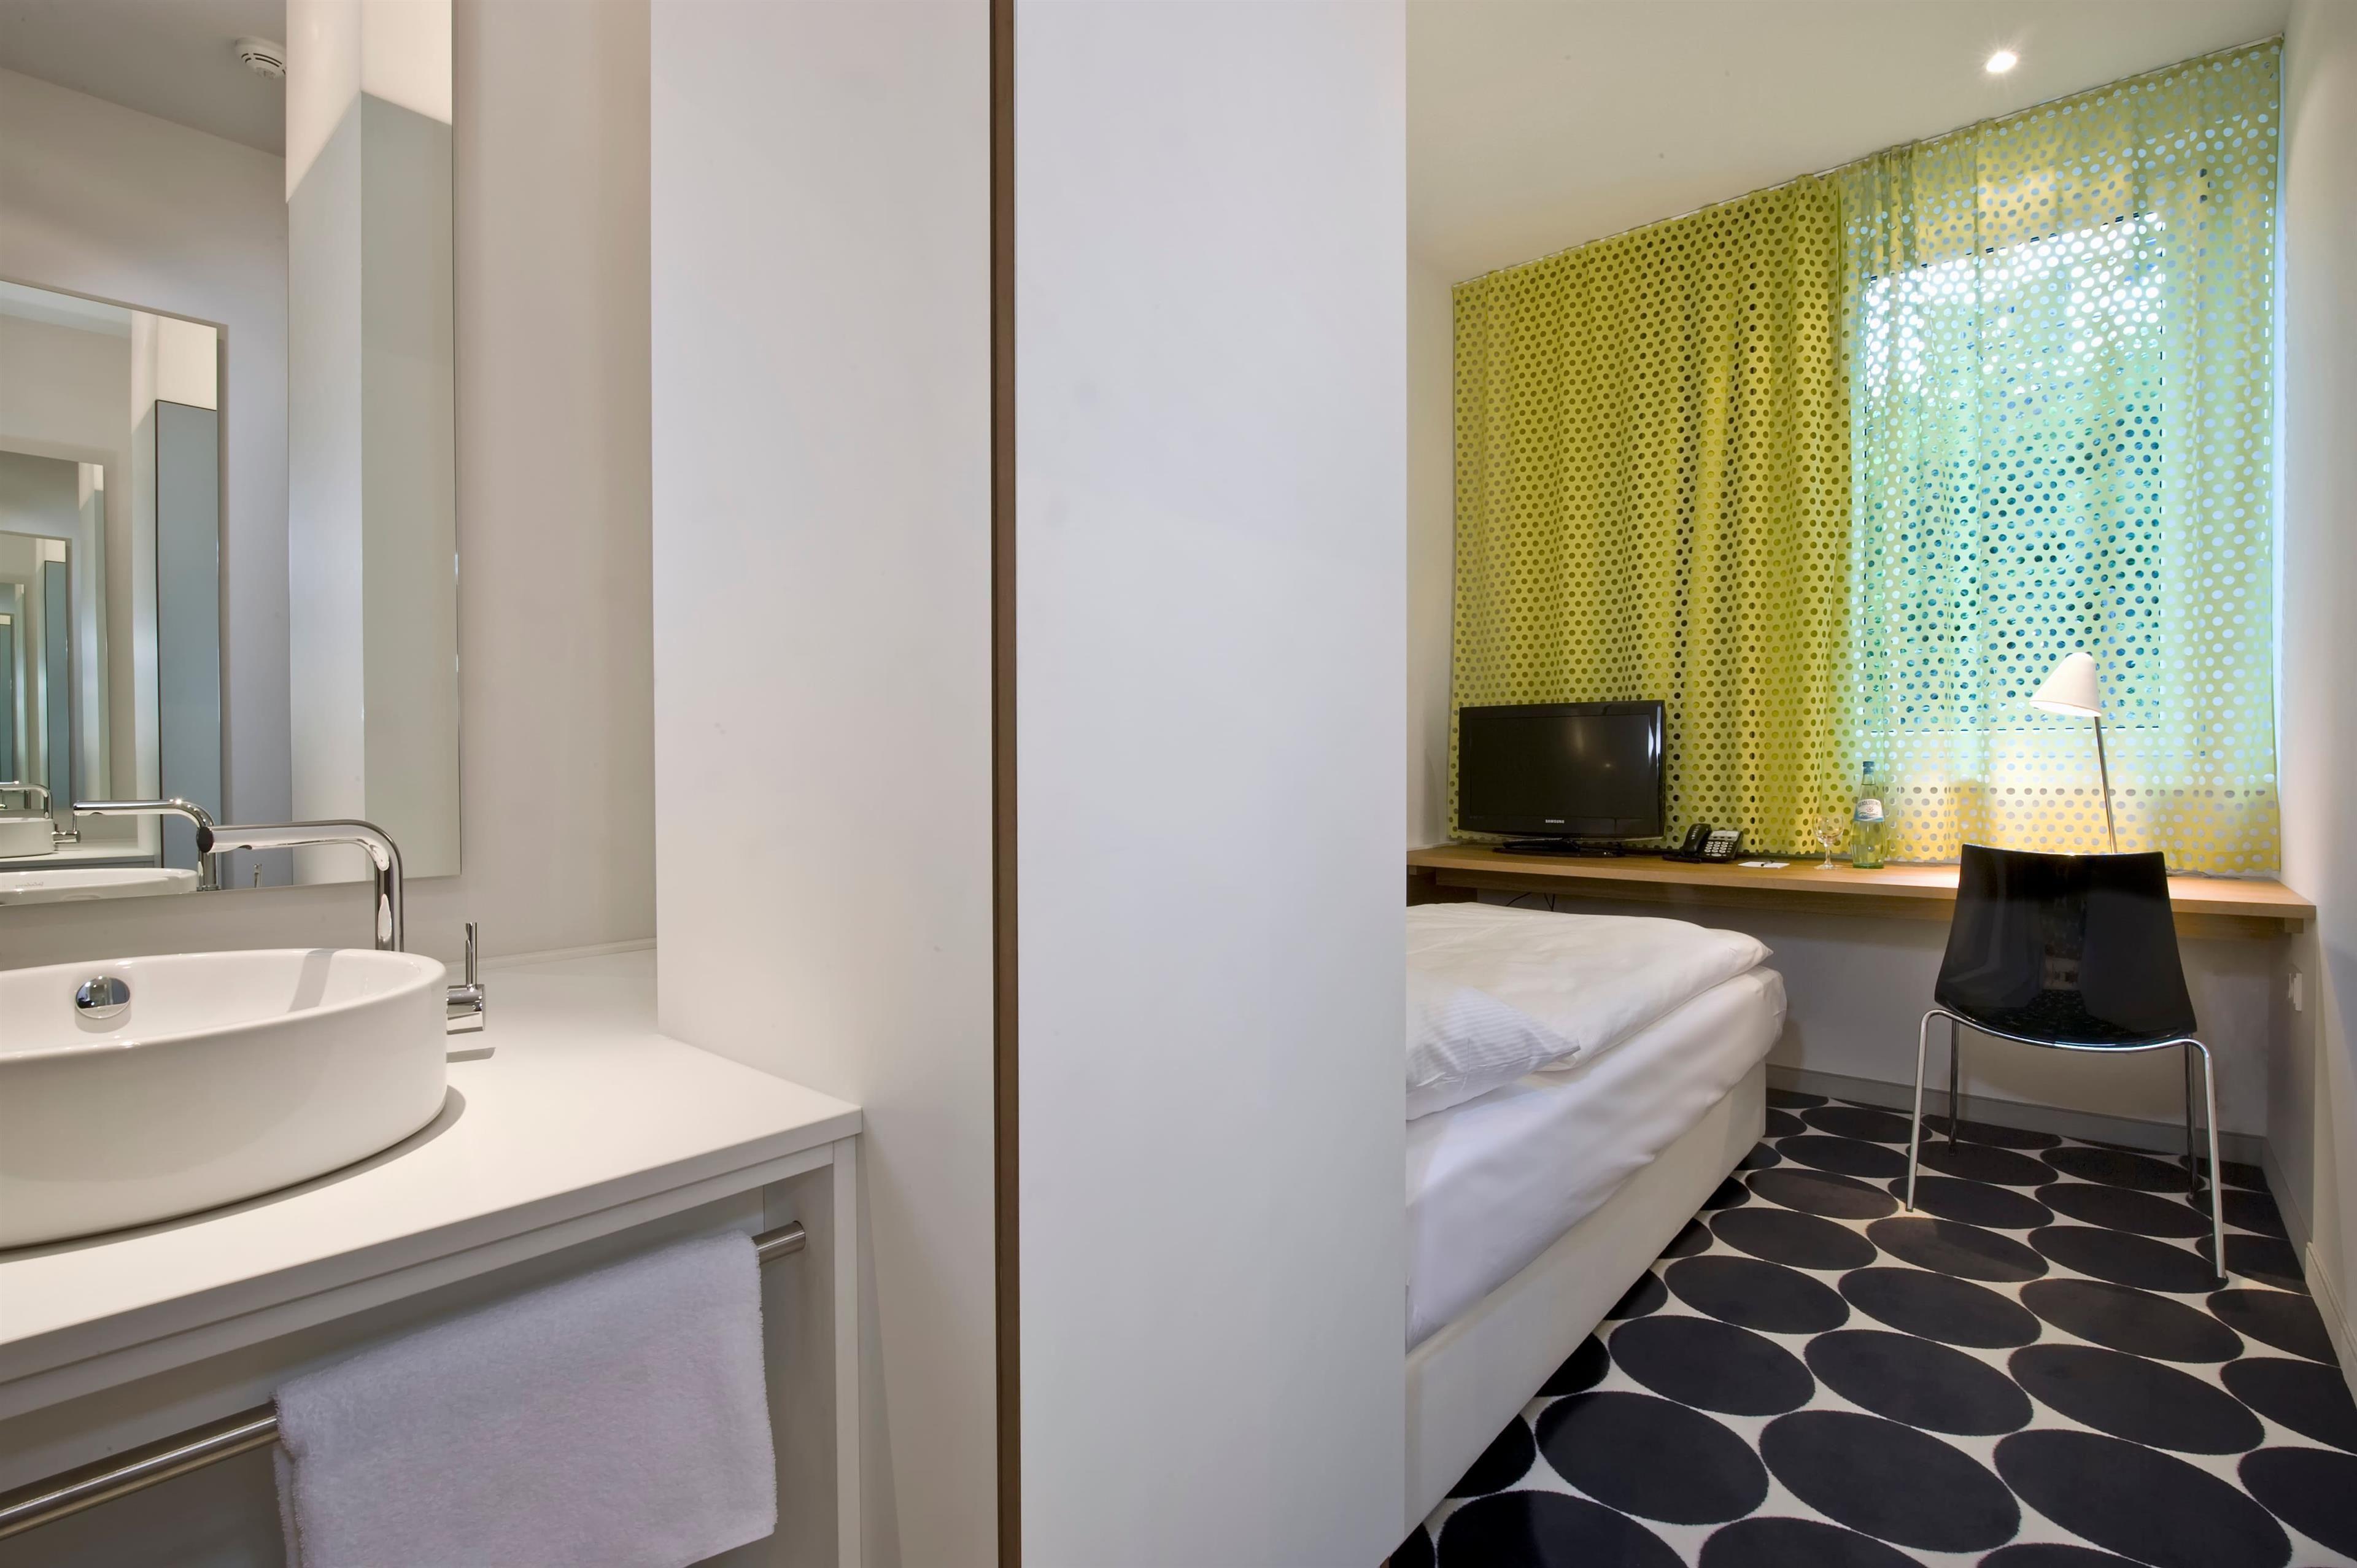 TRYP by Wyndham Frankfurt Hotel